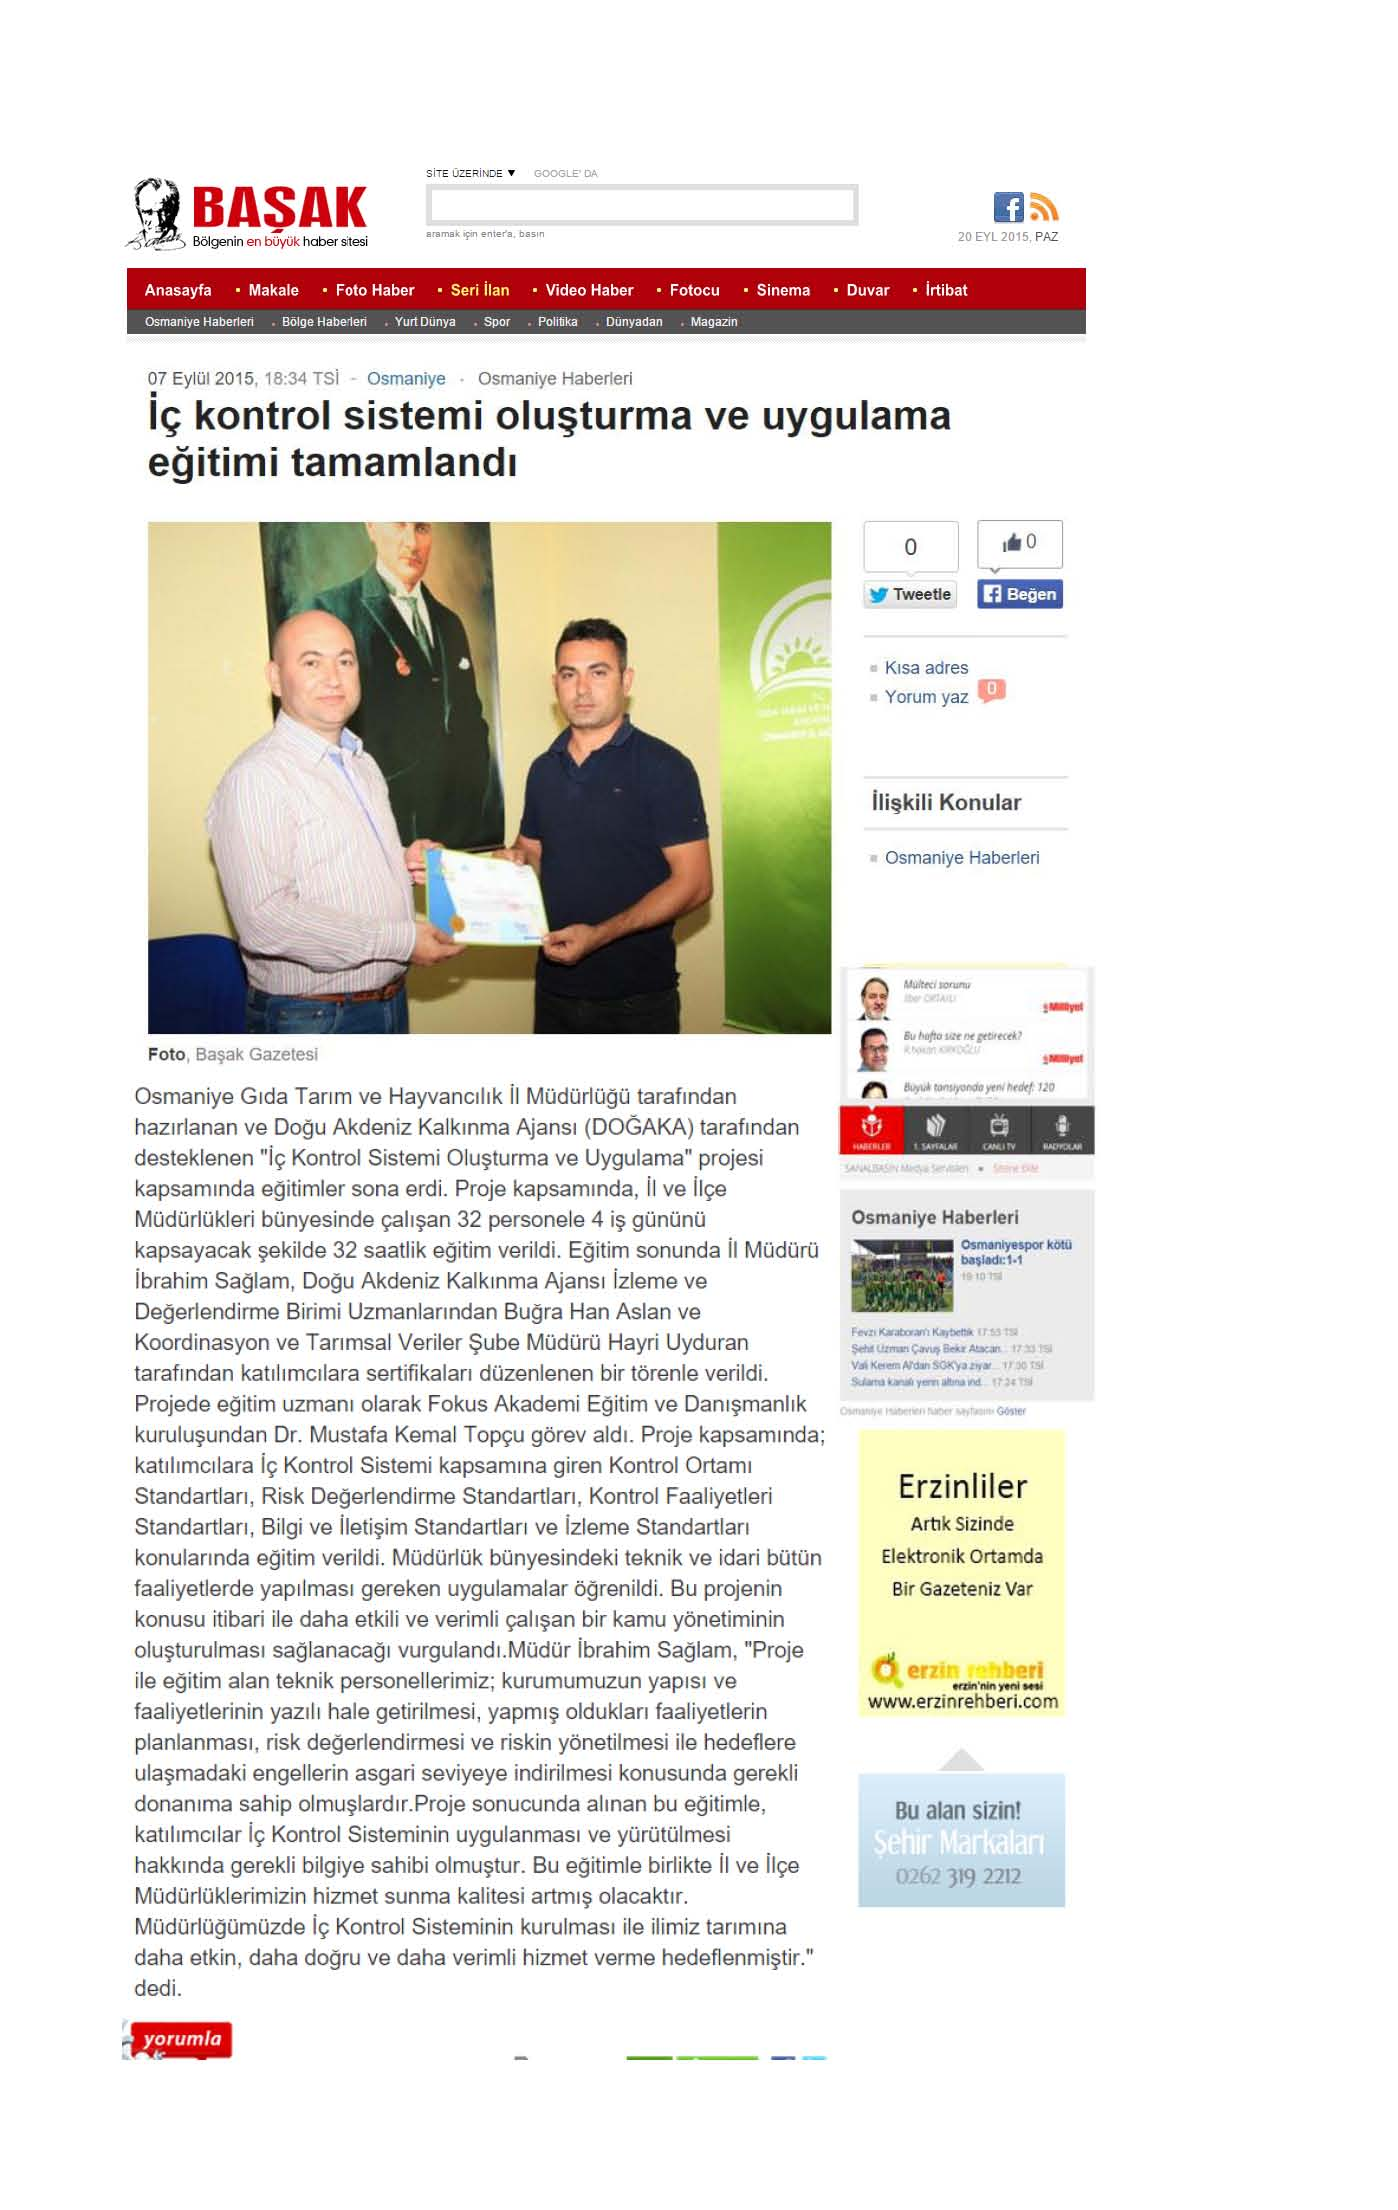 Osmaniye _içkontrol eğitimi 2015